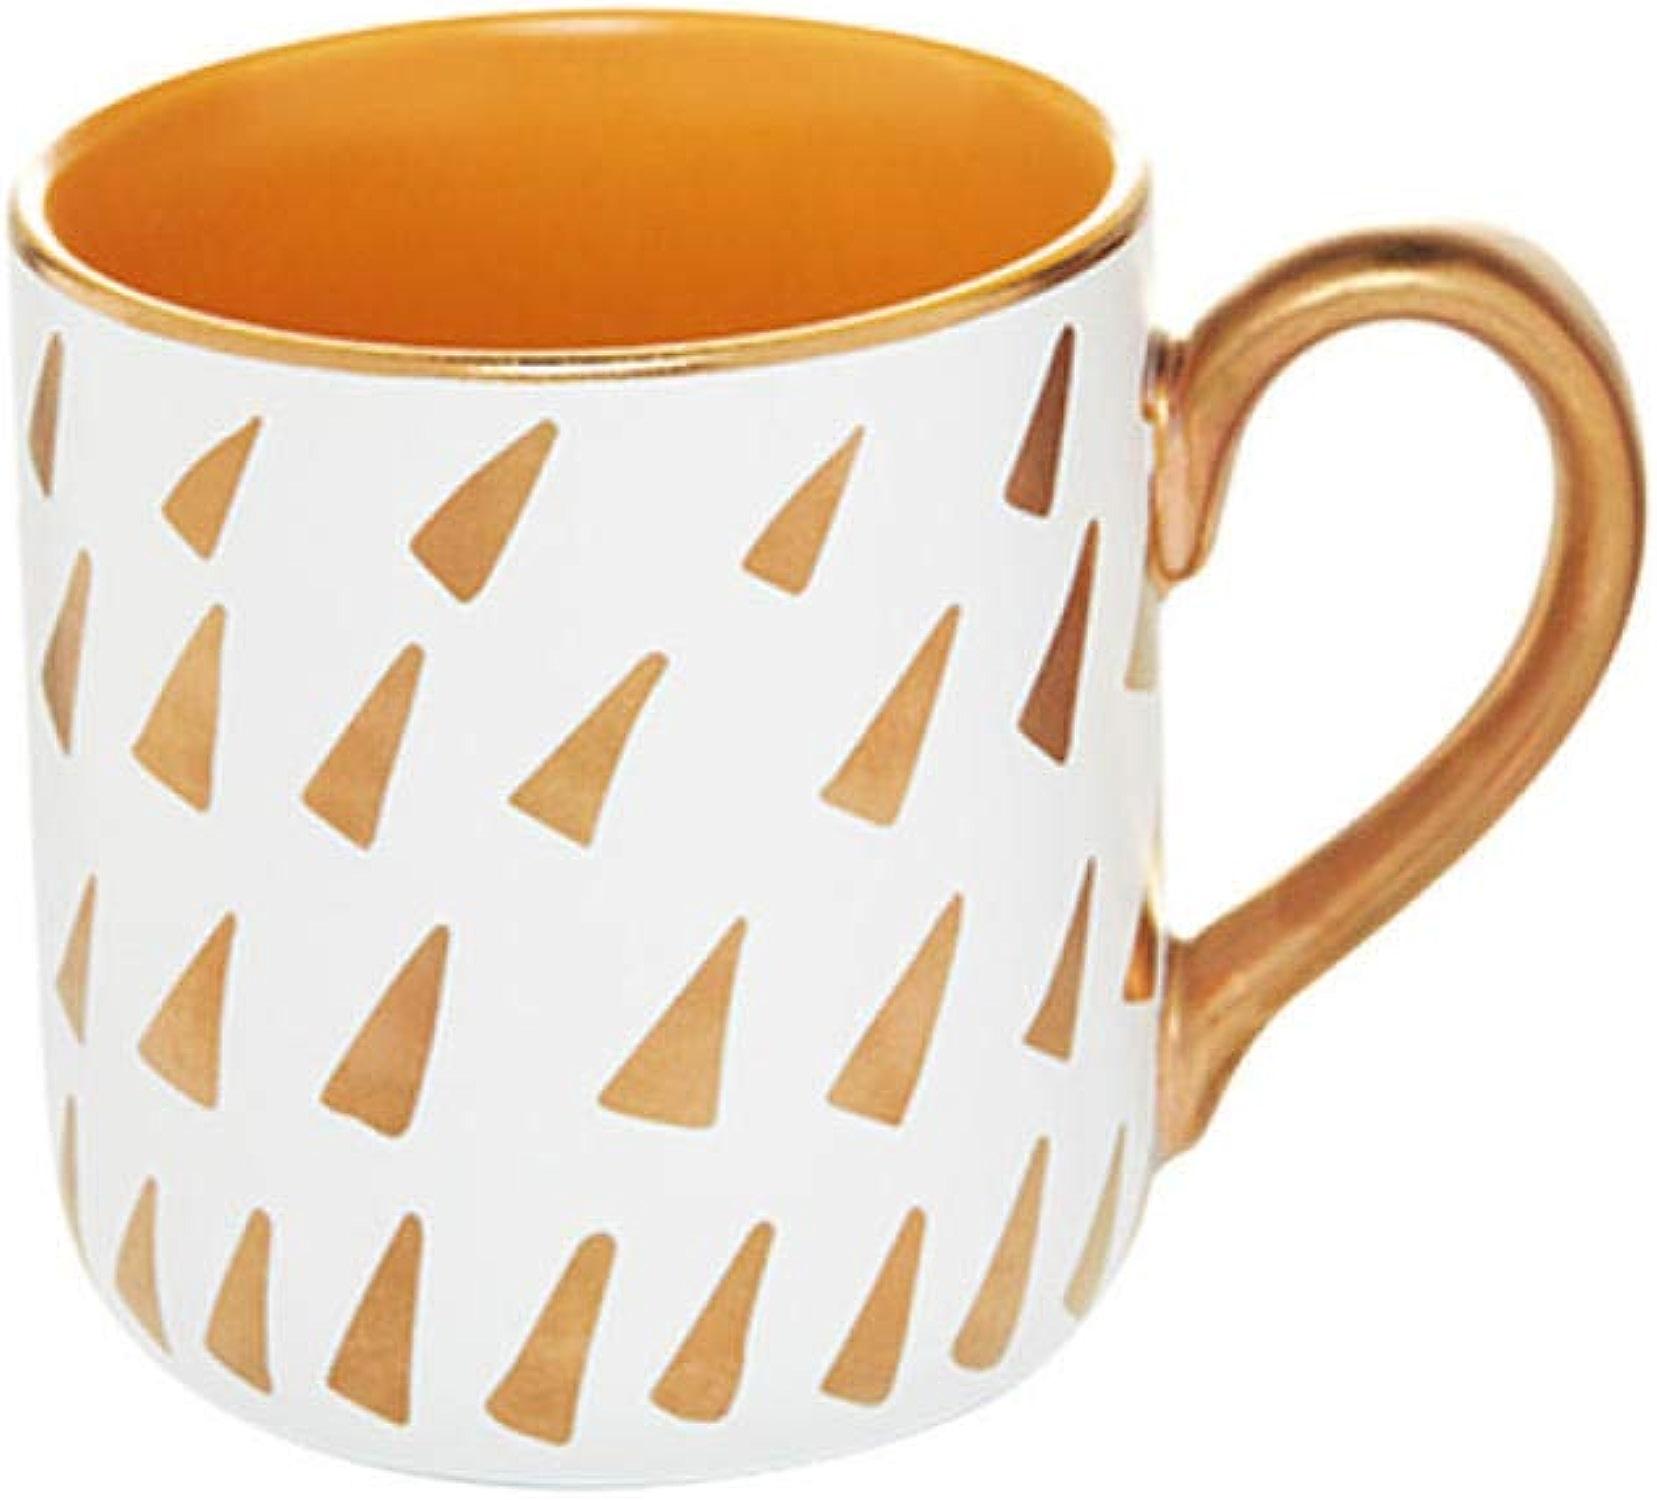 Qzicrw Mug Tasse Douze Constellation Tasse Tasse Or Blanc en Céramique Tasse De Bureau Personnalité Couple Coupe avec La Cuillère De Prougeection